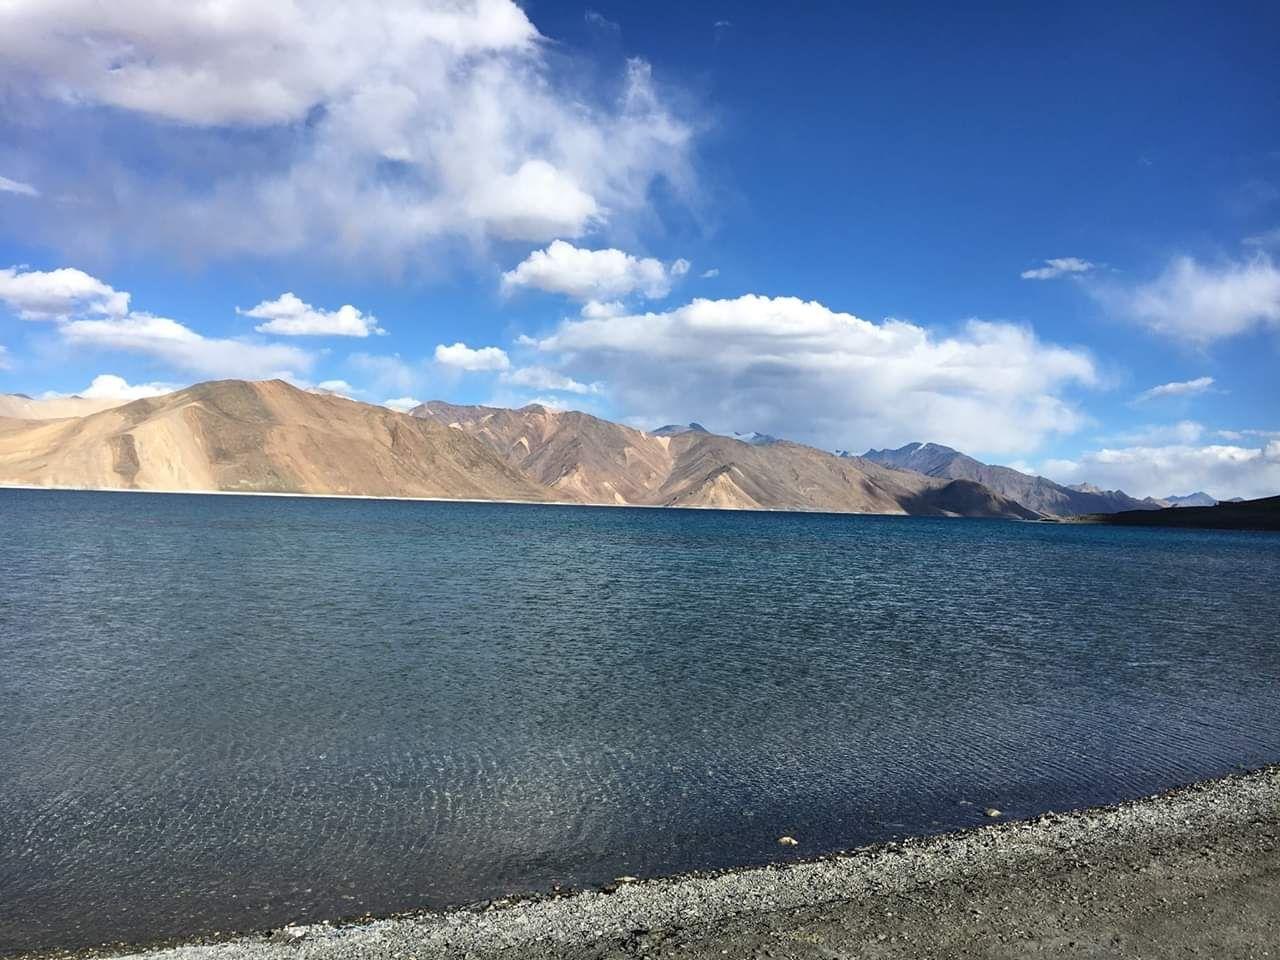 Photo of Ladakh By Shashank shekhar mishra